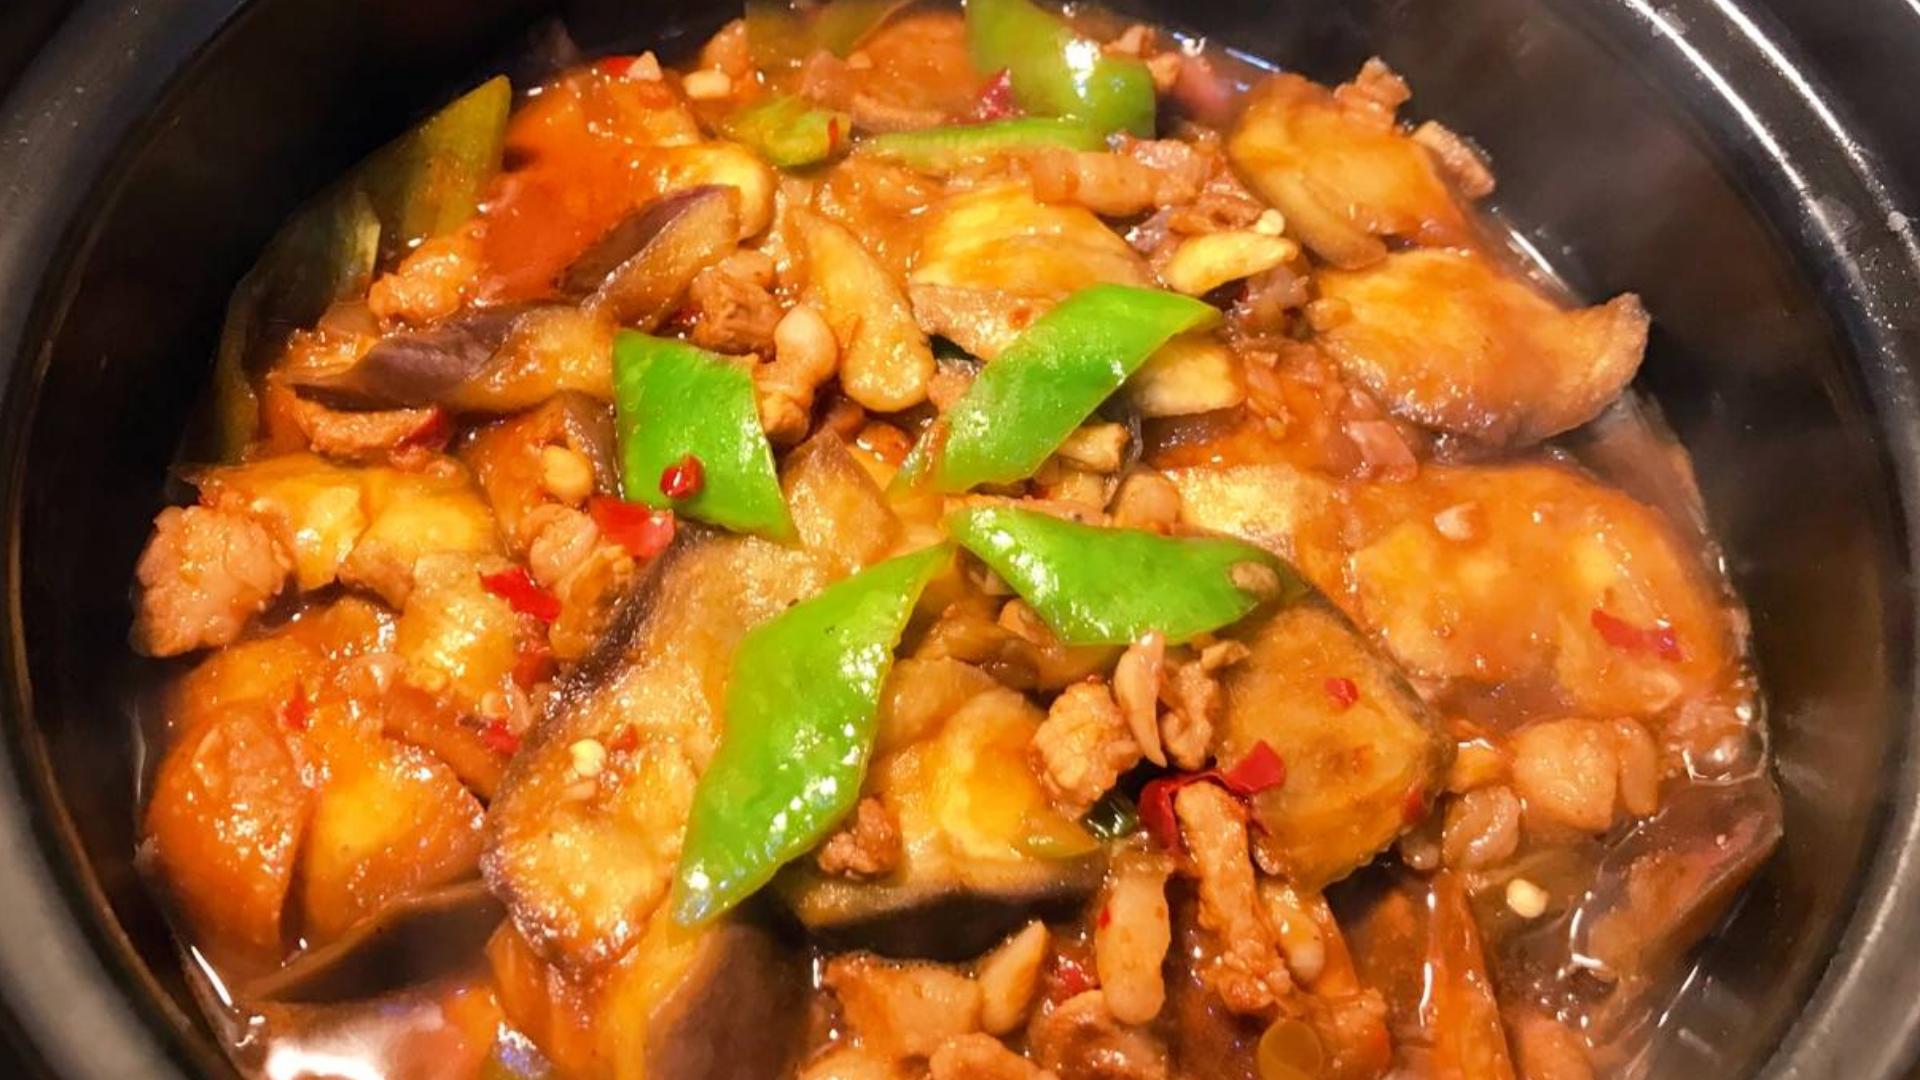 大厨分享鱼香茄子煲家常做法,不用油炸,天冷非常适合老人孩子吃